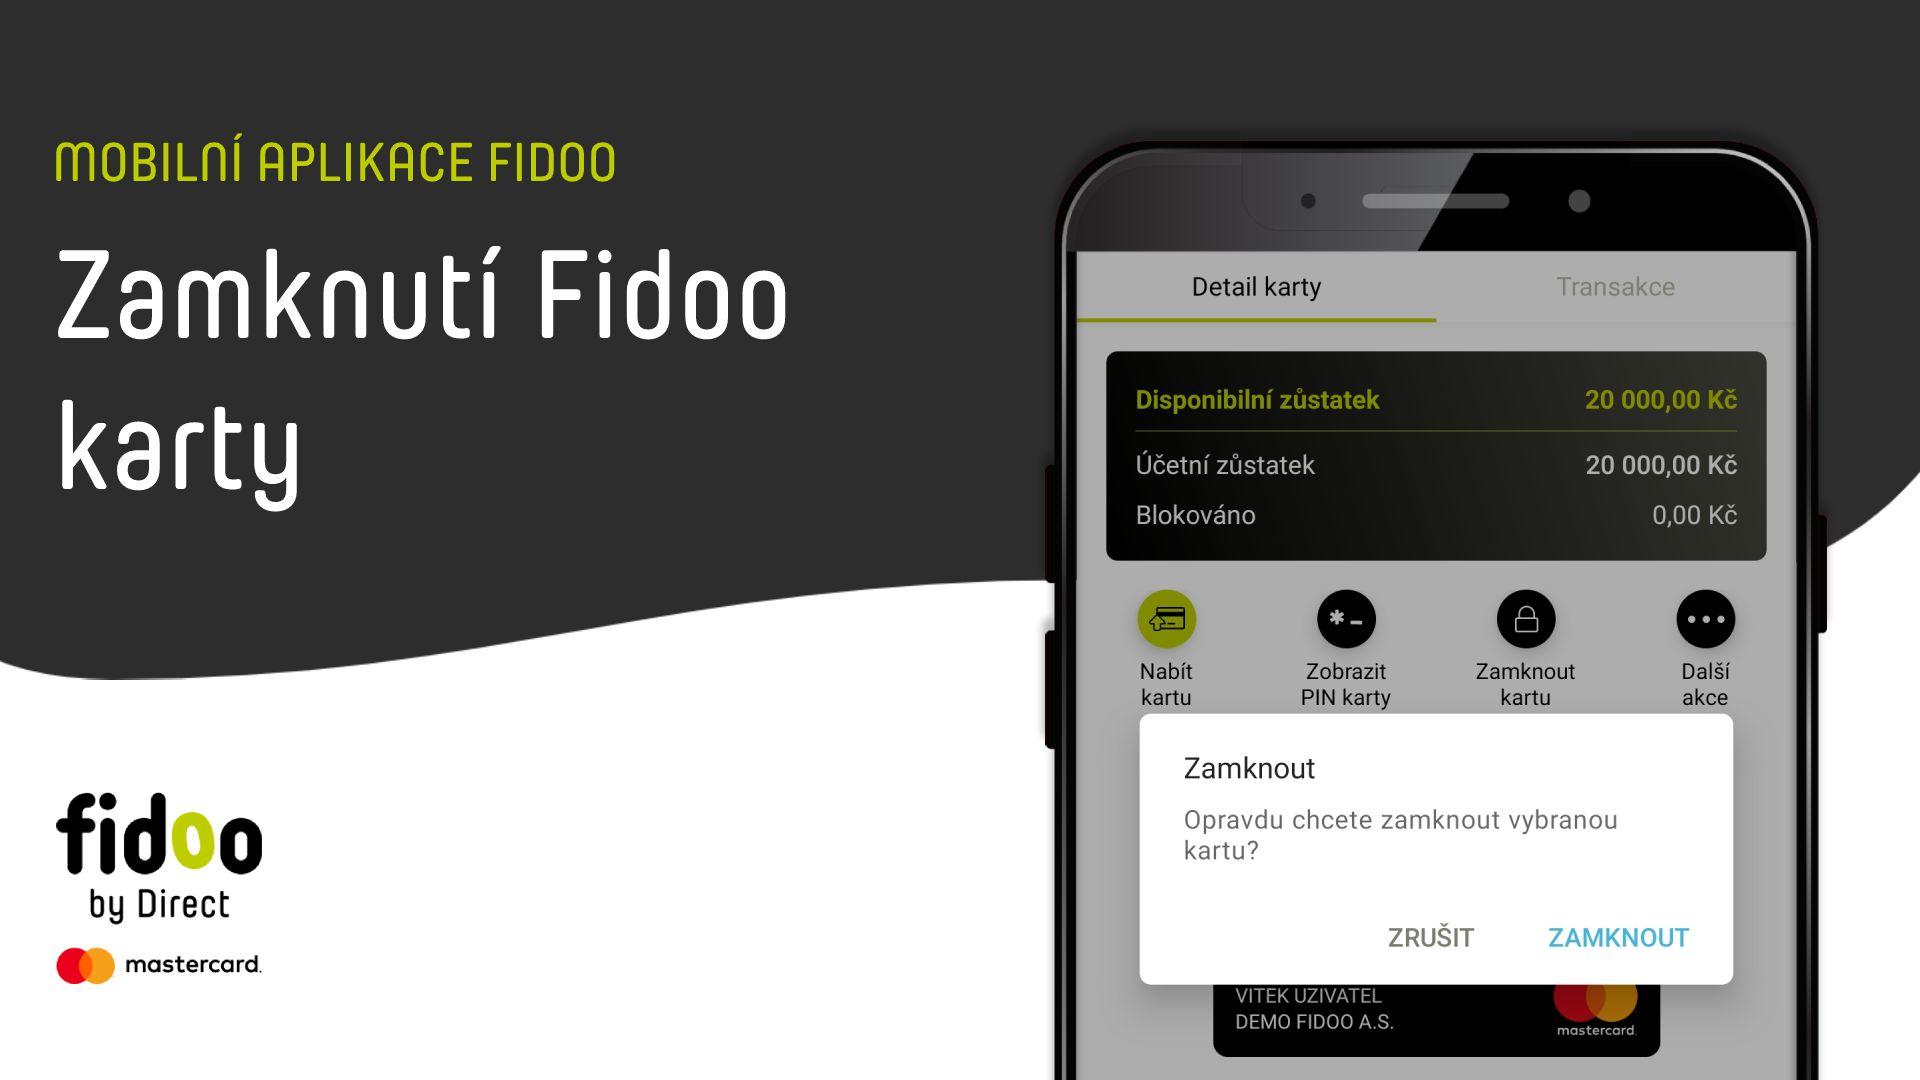 Zamčení Fidoo karty